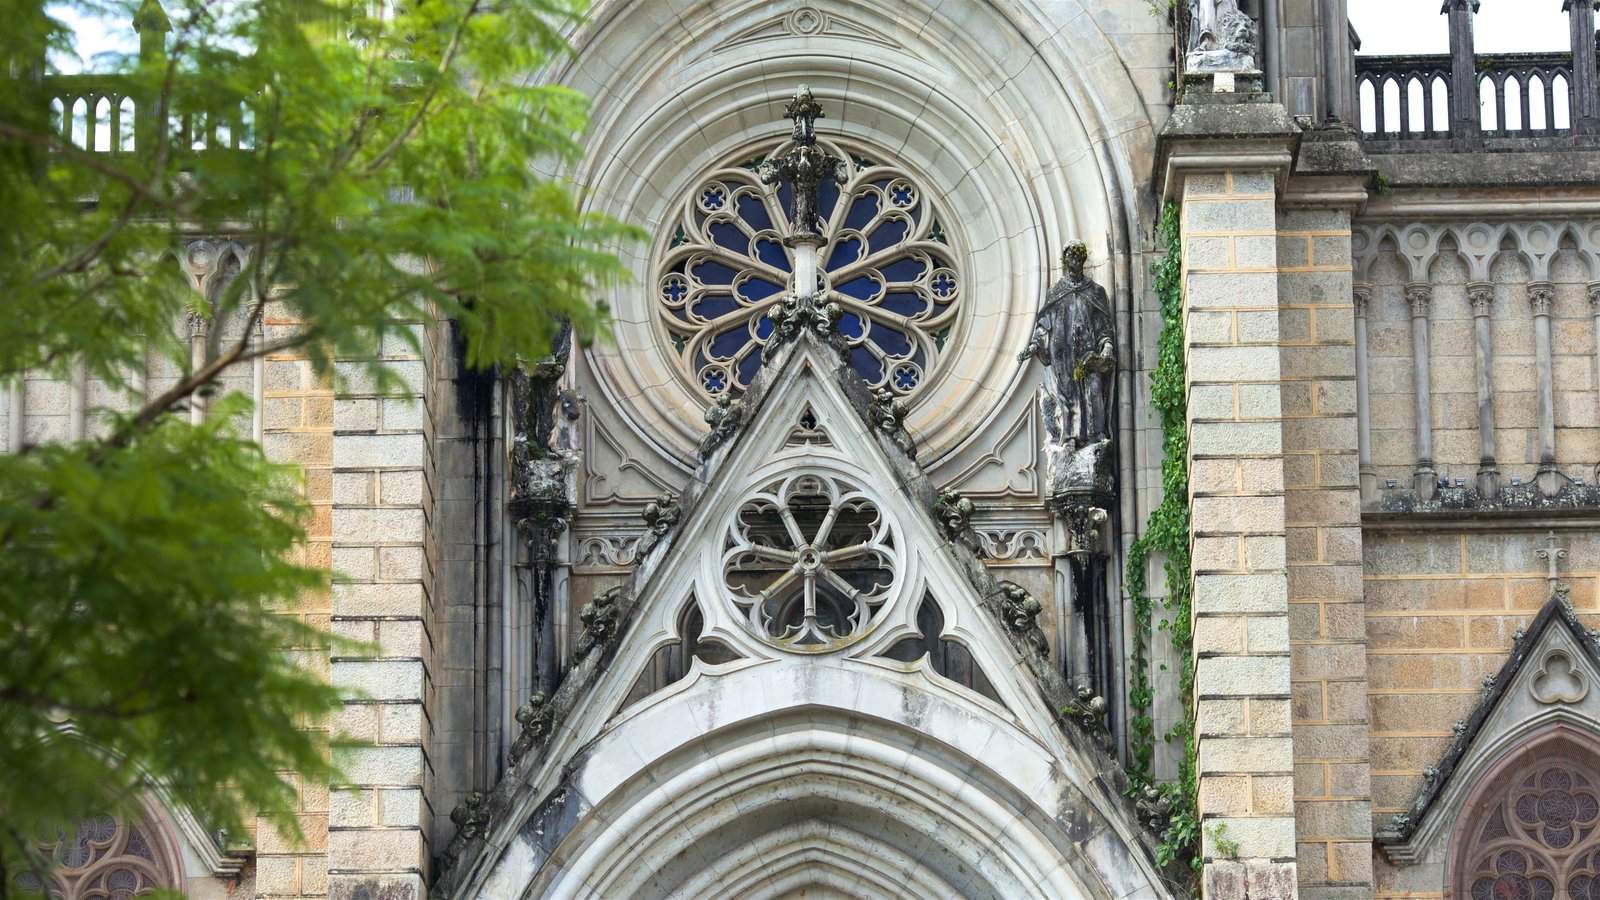 Catedral de São Pedro de Alcântara caracterizando elementos de patrimônio e uma igreja ou catedral